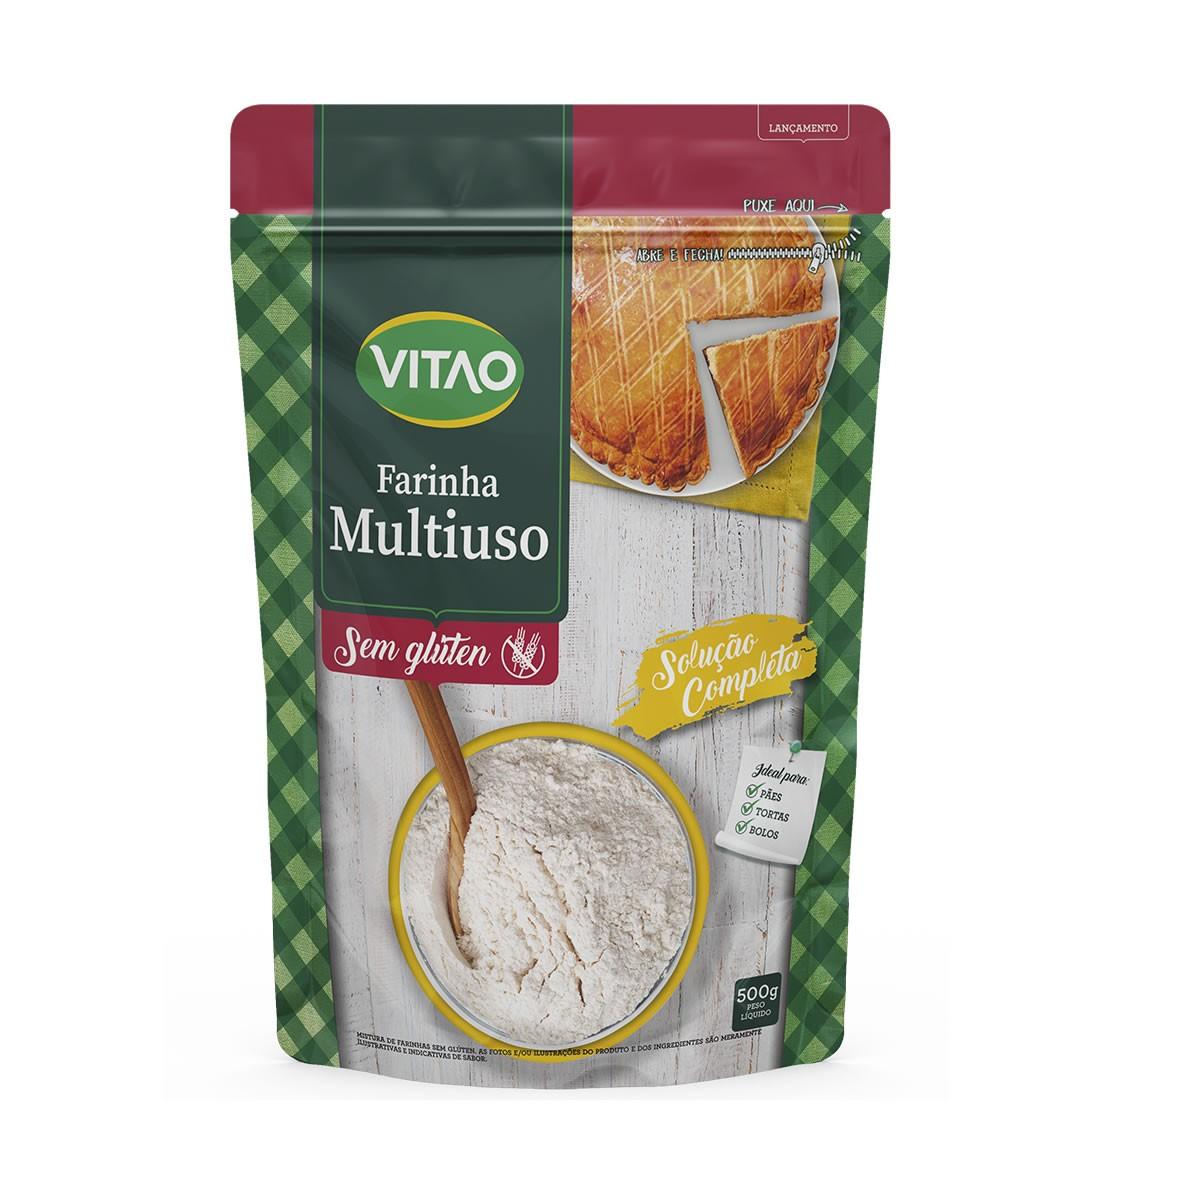 Farinha Mix Multiuso Sem Gluten 500g - Vitao